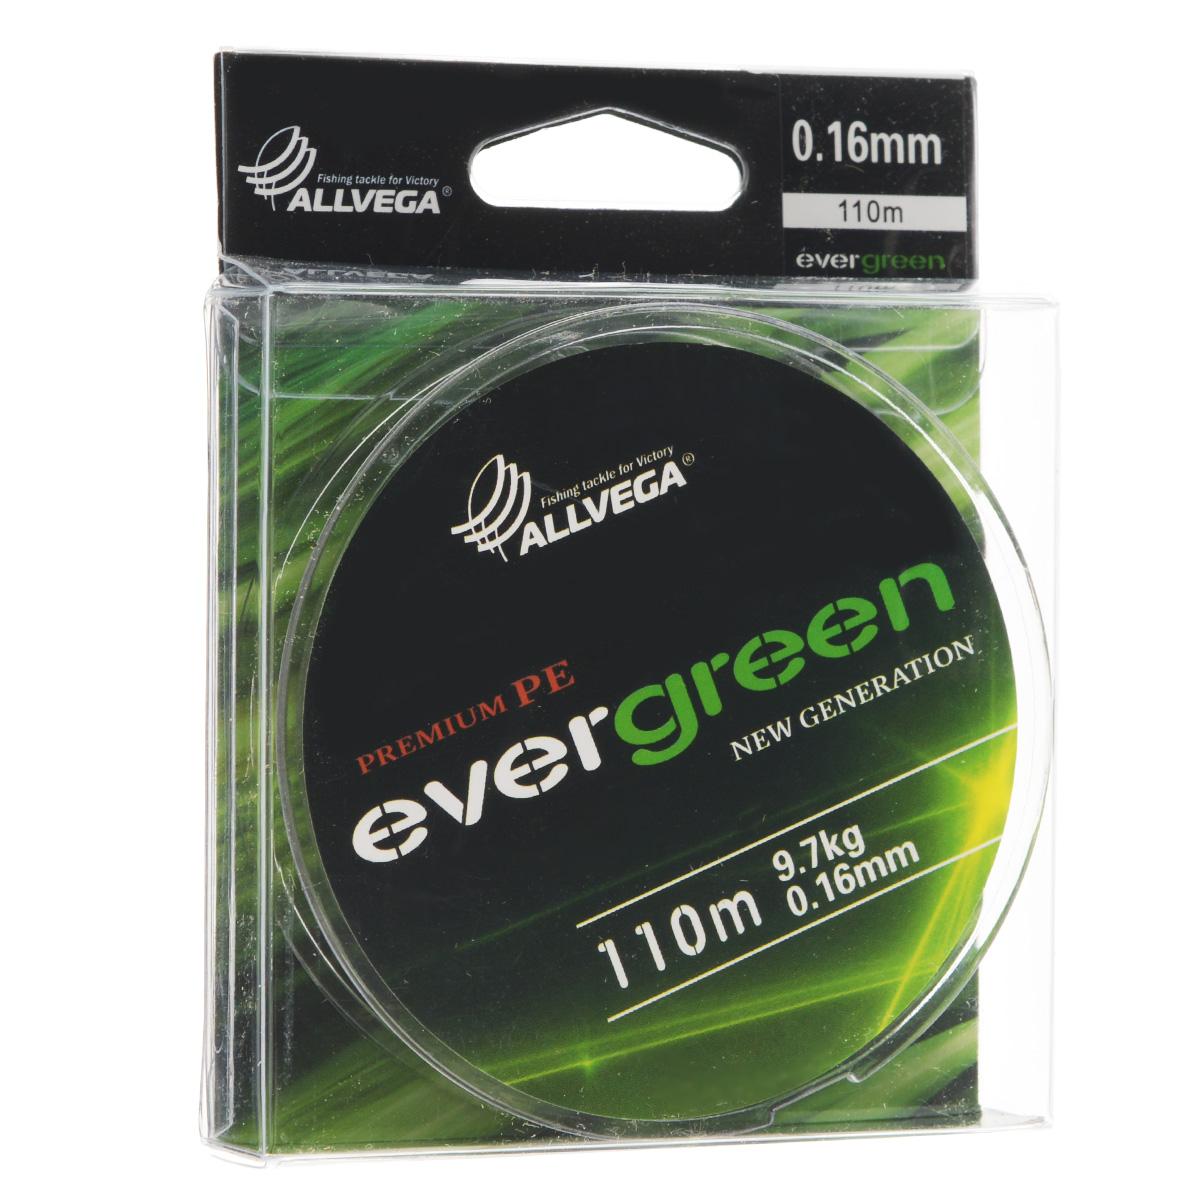 Леска плетеная Allvega Evergreen, цвет: темно-зеленый, 110 м, 0,16 мм, 9,7 кг31758Плетеная леска Allvega Evergreen очень прочная и способна выдержать сильные нагрузки. Благодаря высококачественному сырью леска Allvega Allvega Evergreen максимально устойчива к любым погодным условиям и особенностям каждого водоема. При традиционных методах производства плетеные шнуры со временем теряют свой цвет (покрытие), а вместе с ним и часть своих полезных физических свойств. Революционно новый подход в технологии изготовления лесок Allvega Evergreen позволяет забыть о проблеме потери цвета в процессе использования шнура. Он всегда будет зеленым - он просто не может быть другим!